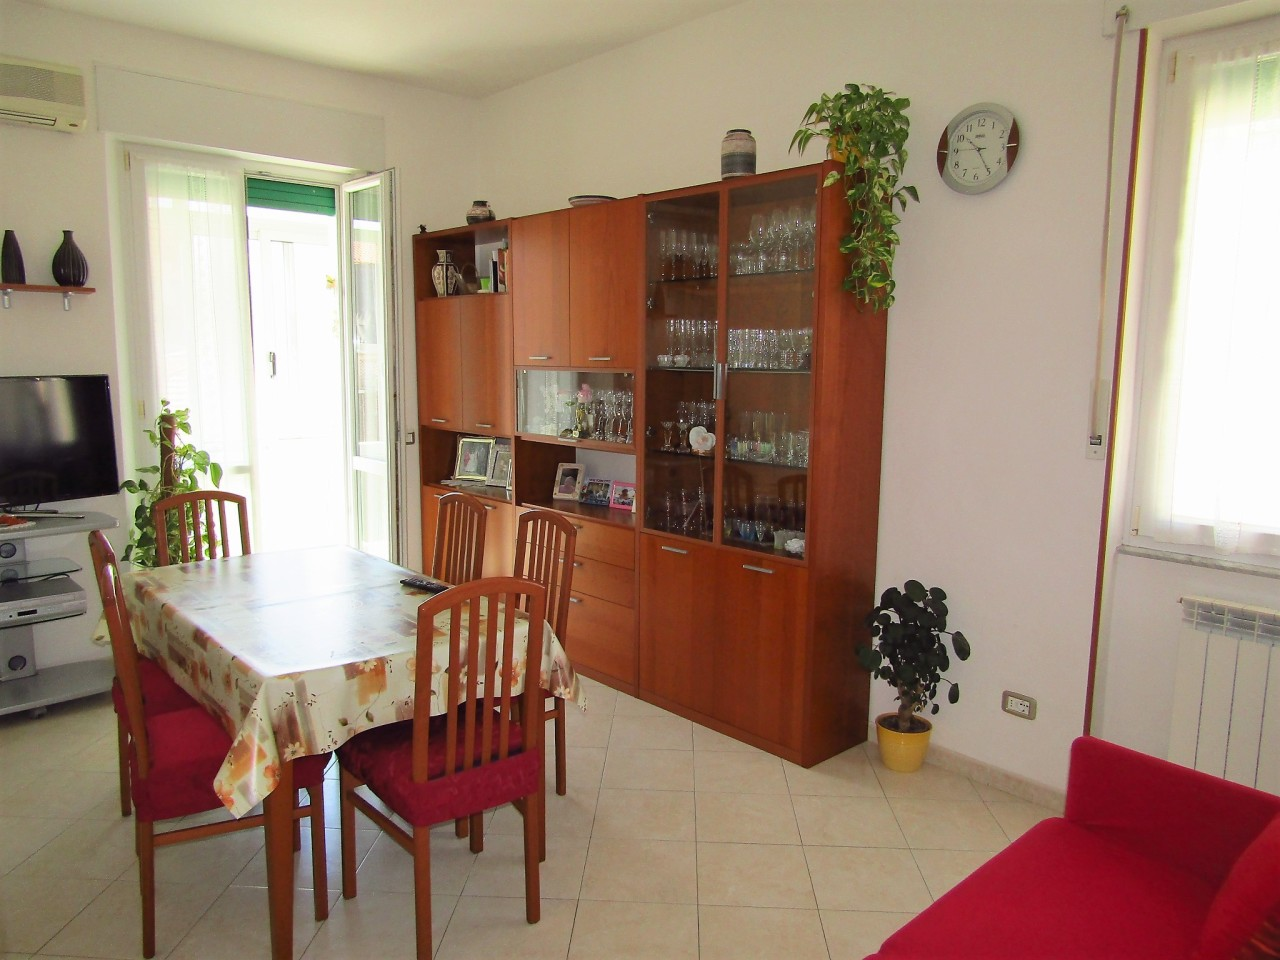 Appartamento in vendita a Livorno, 5 locali, prezzo € 105.000 | CambioCasa.it